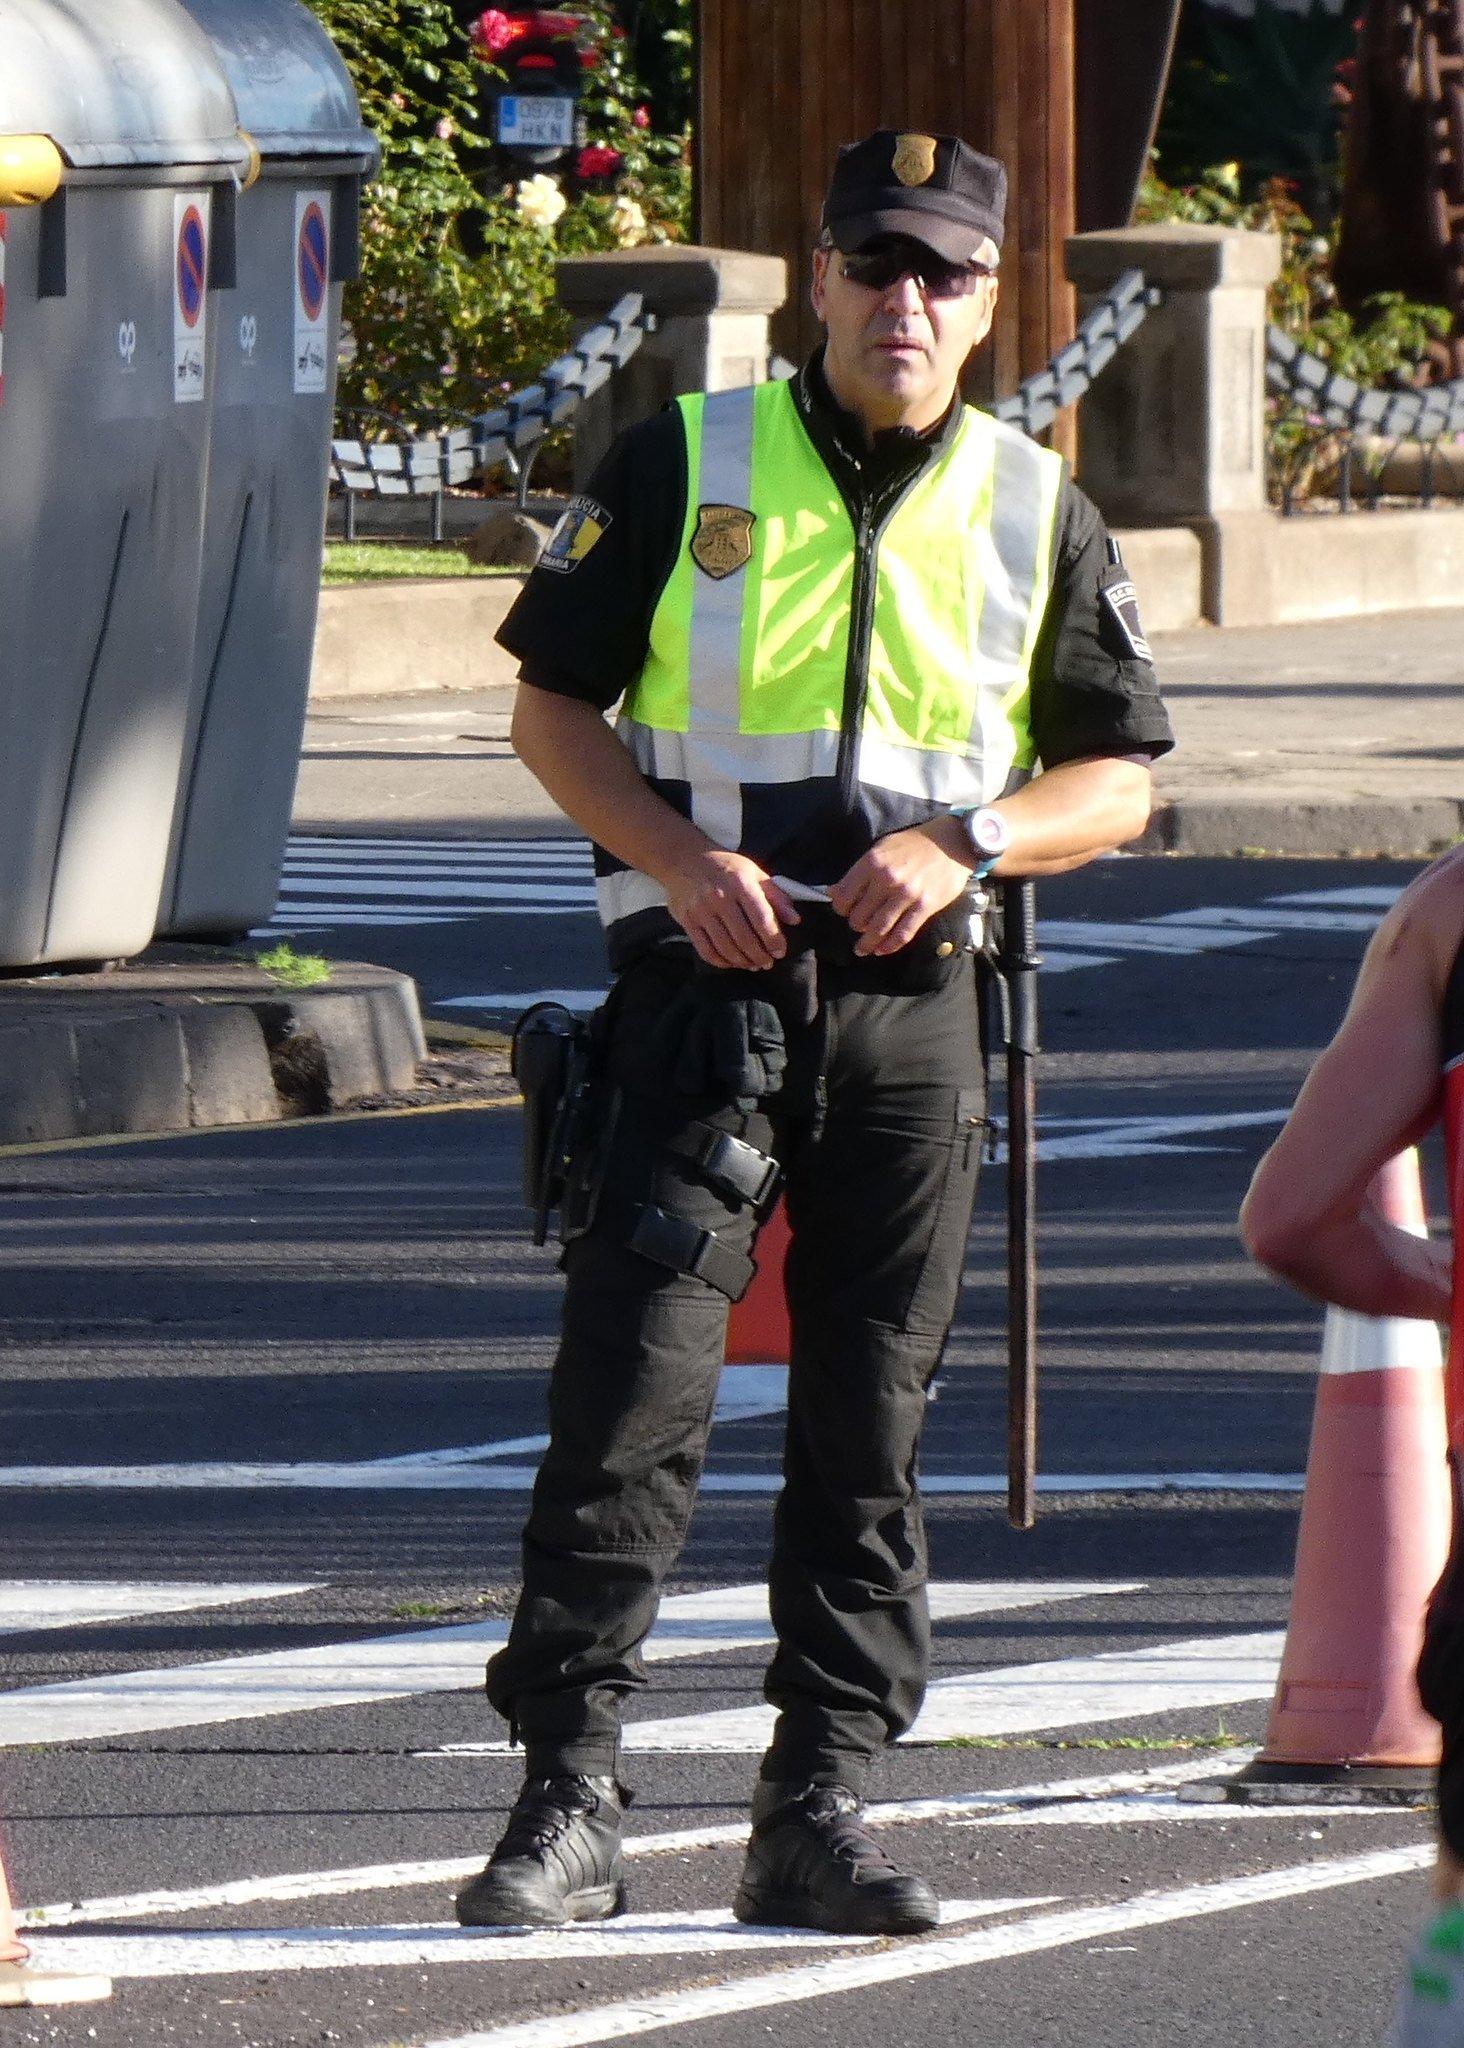 Oficial de policía local.   Imagen: Flickr